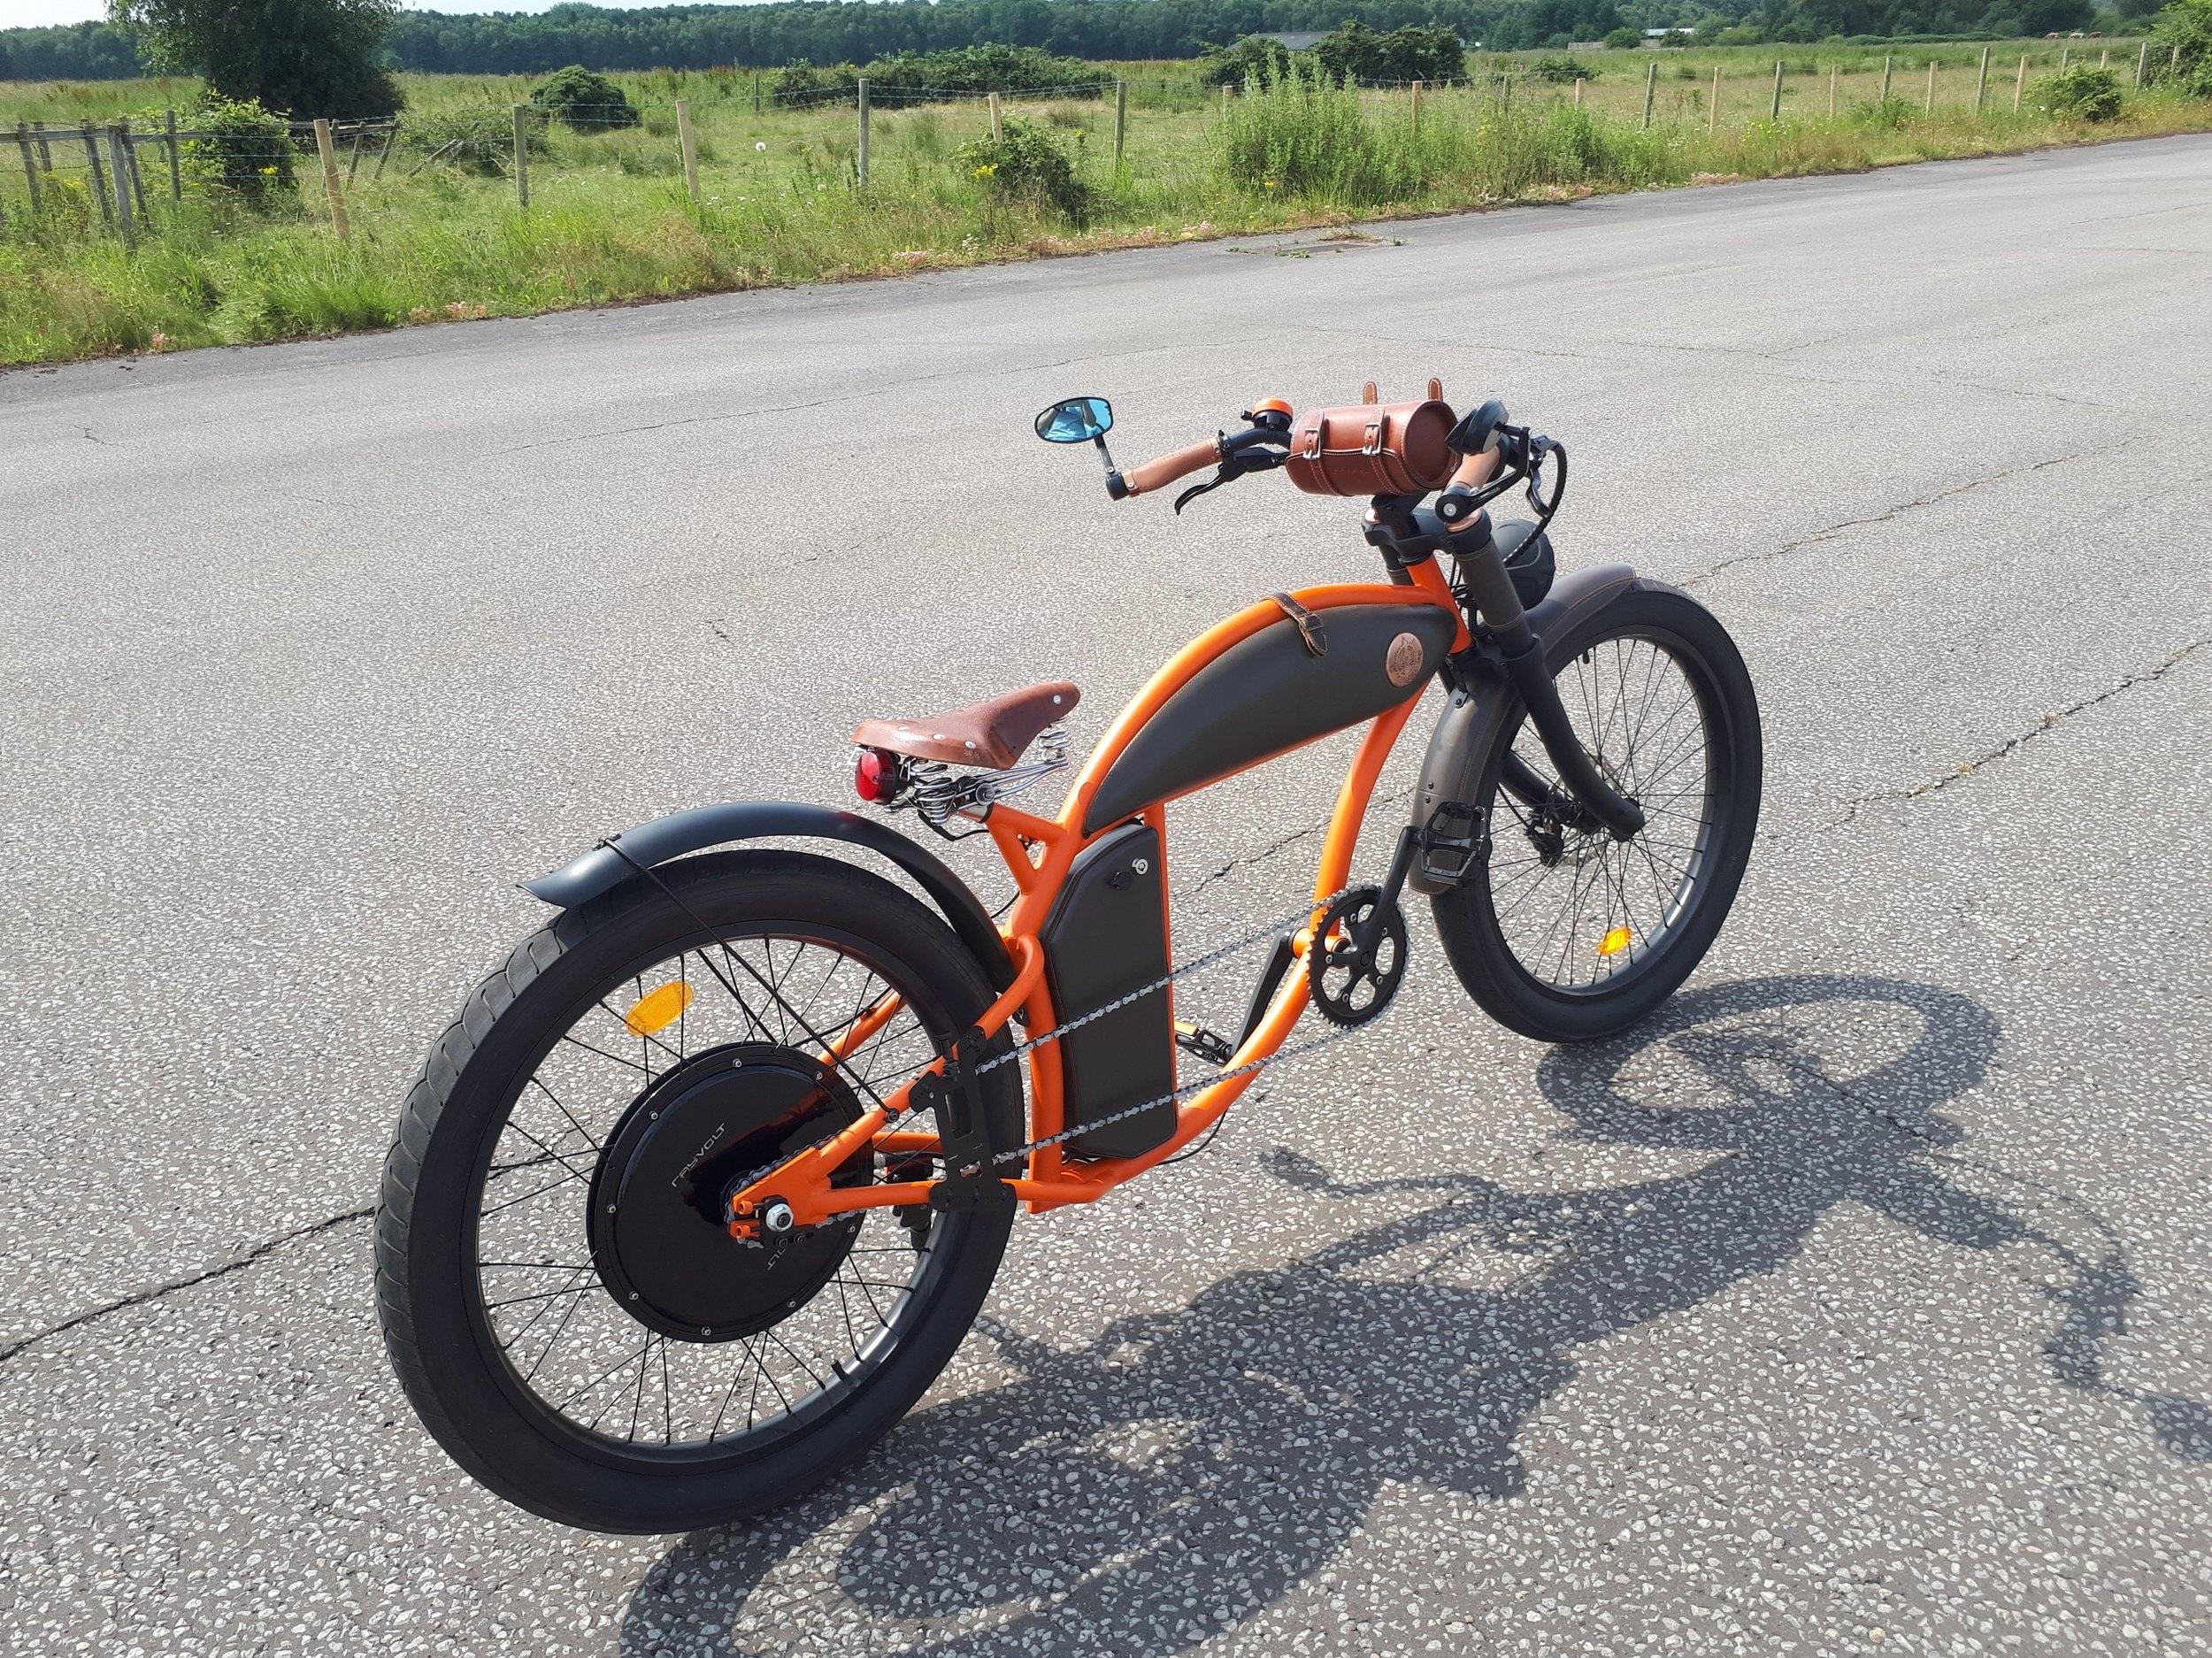 Rayvolt Premium E- Bike